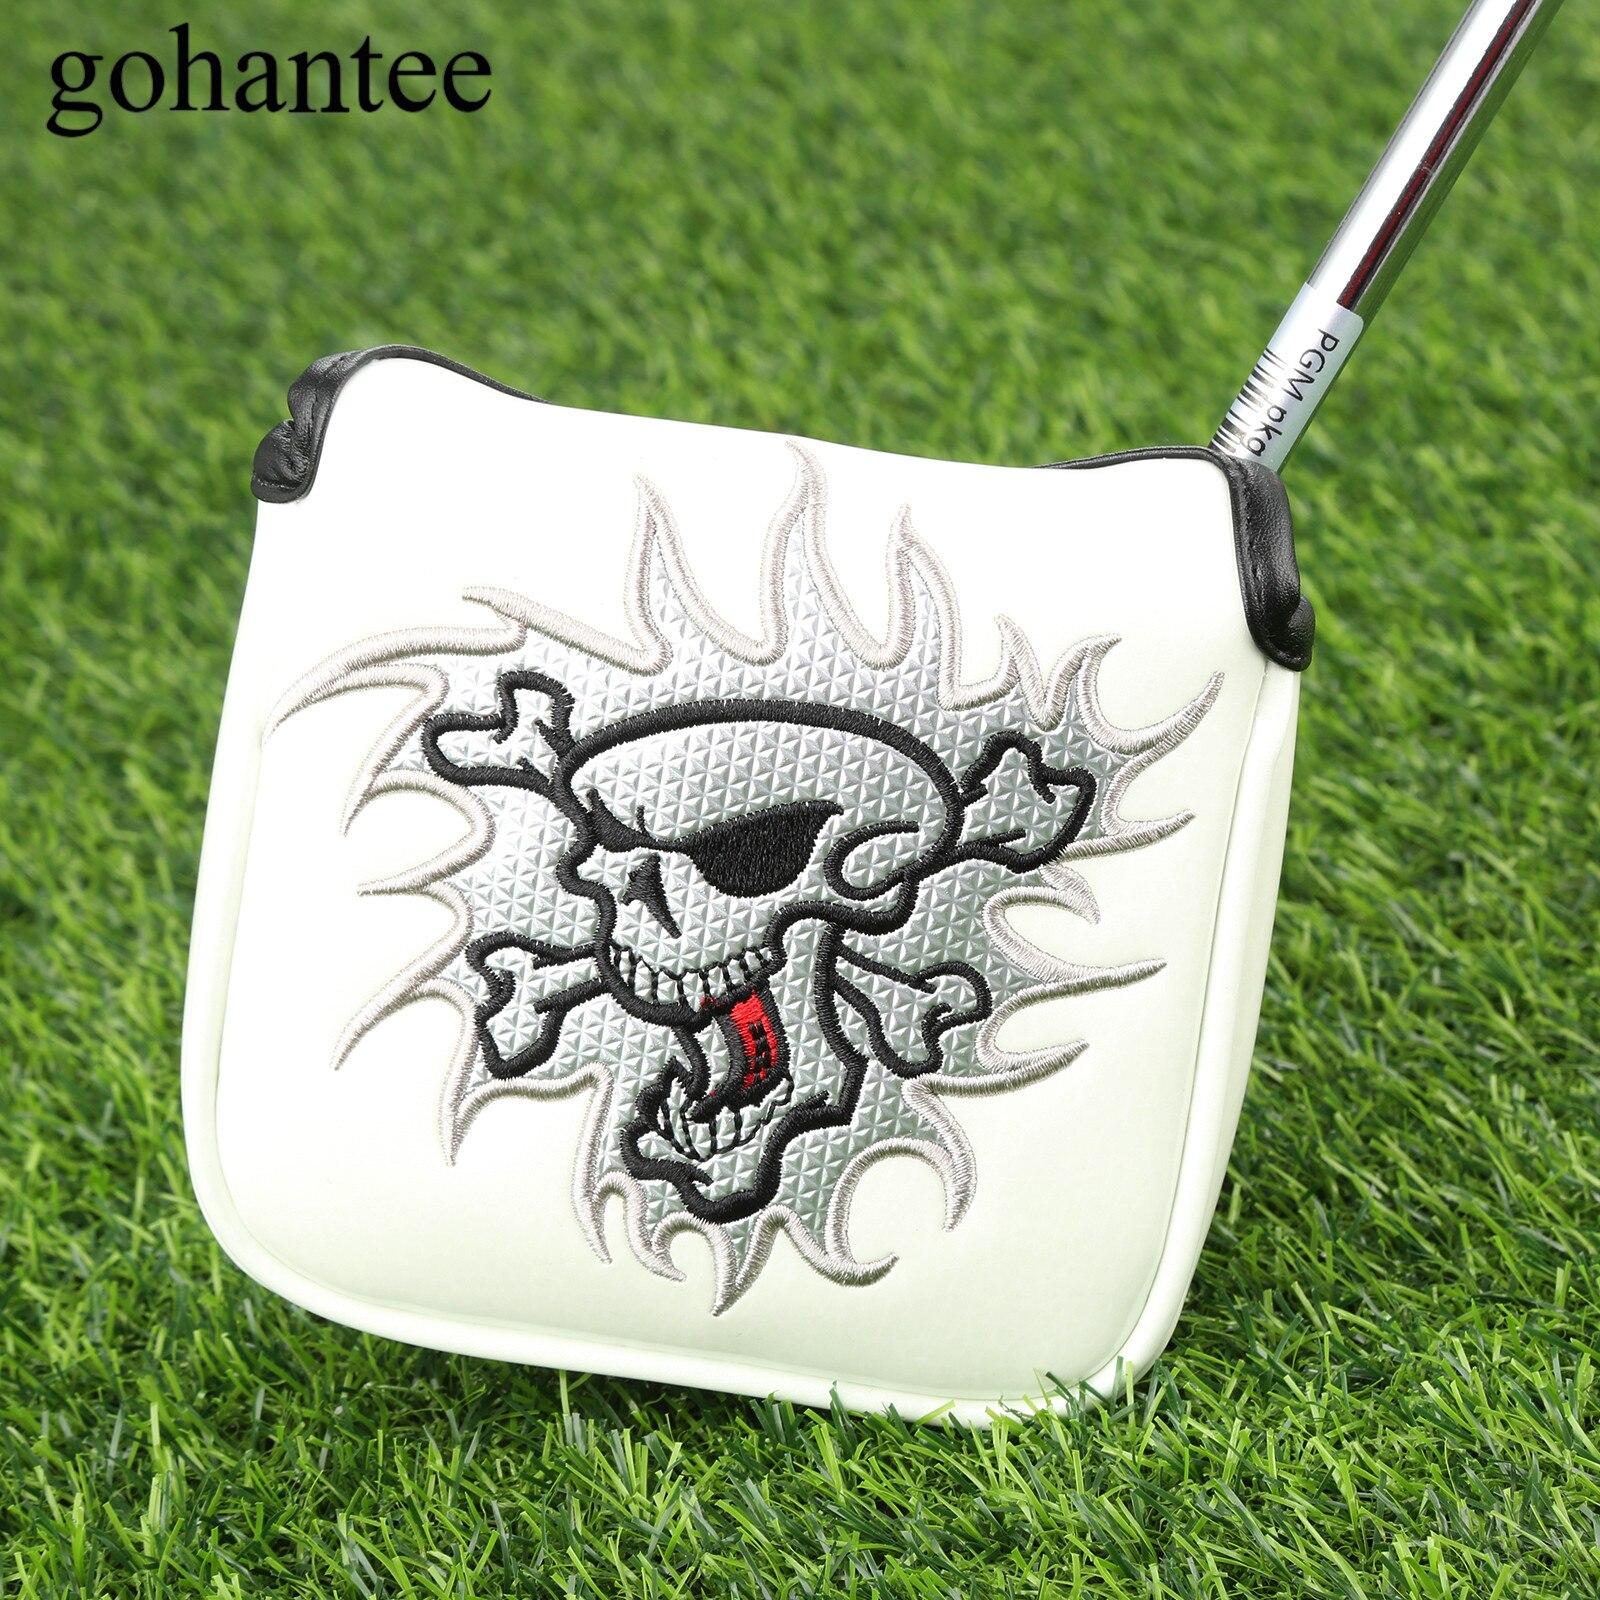 1 шт. квадратный гольф клюшки шлем из искусственной кожи гольф клуб головные уборы с магнитной застежкой подходит для всех молоток Стиль клю...